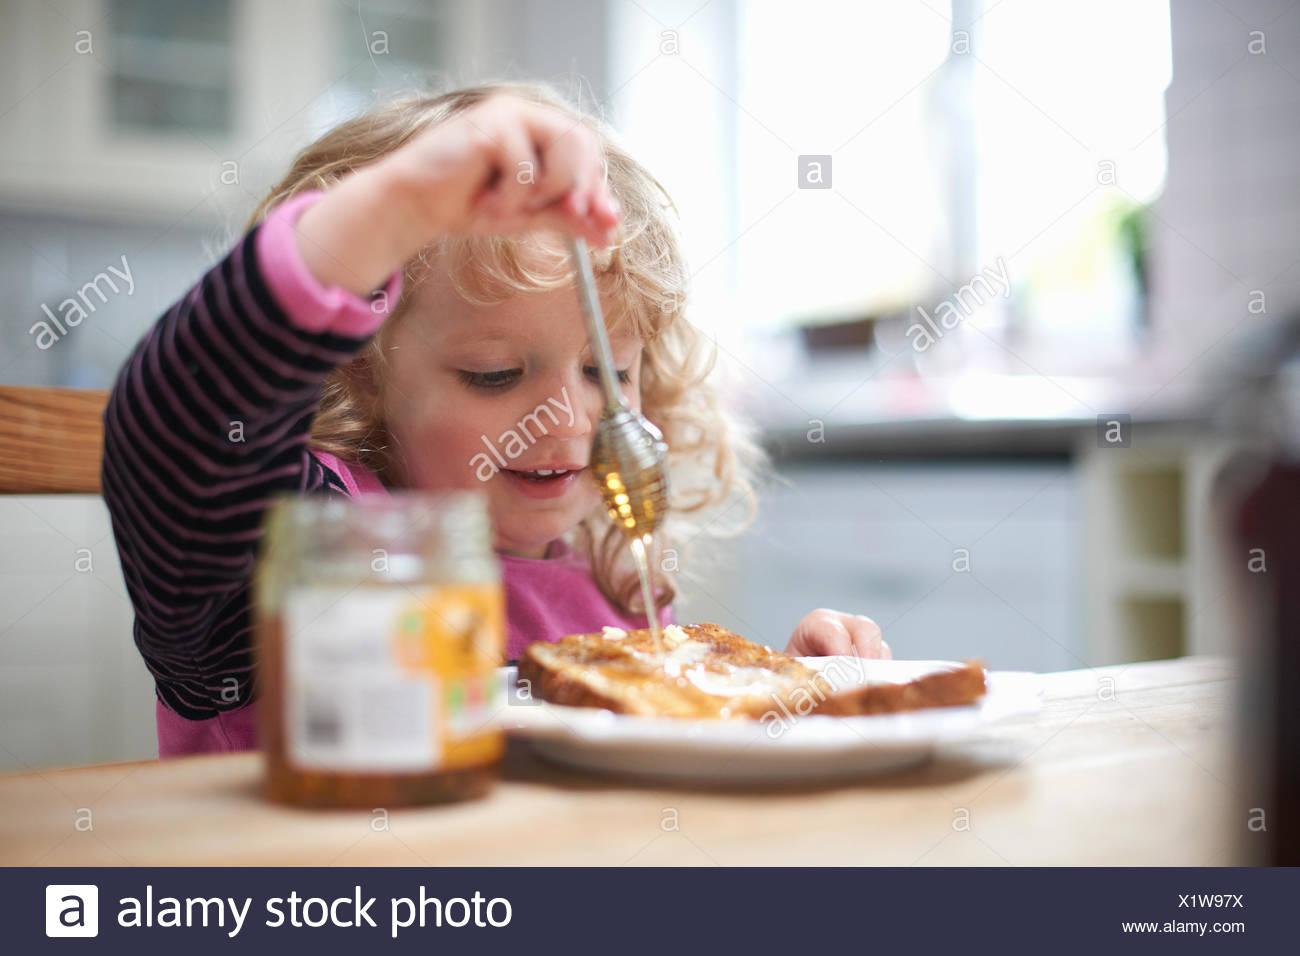 Junges Mädchen saß am Küchentisch, nieselte Honig auf toast Stockbild